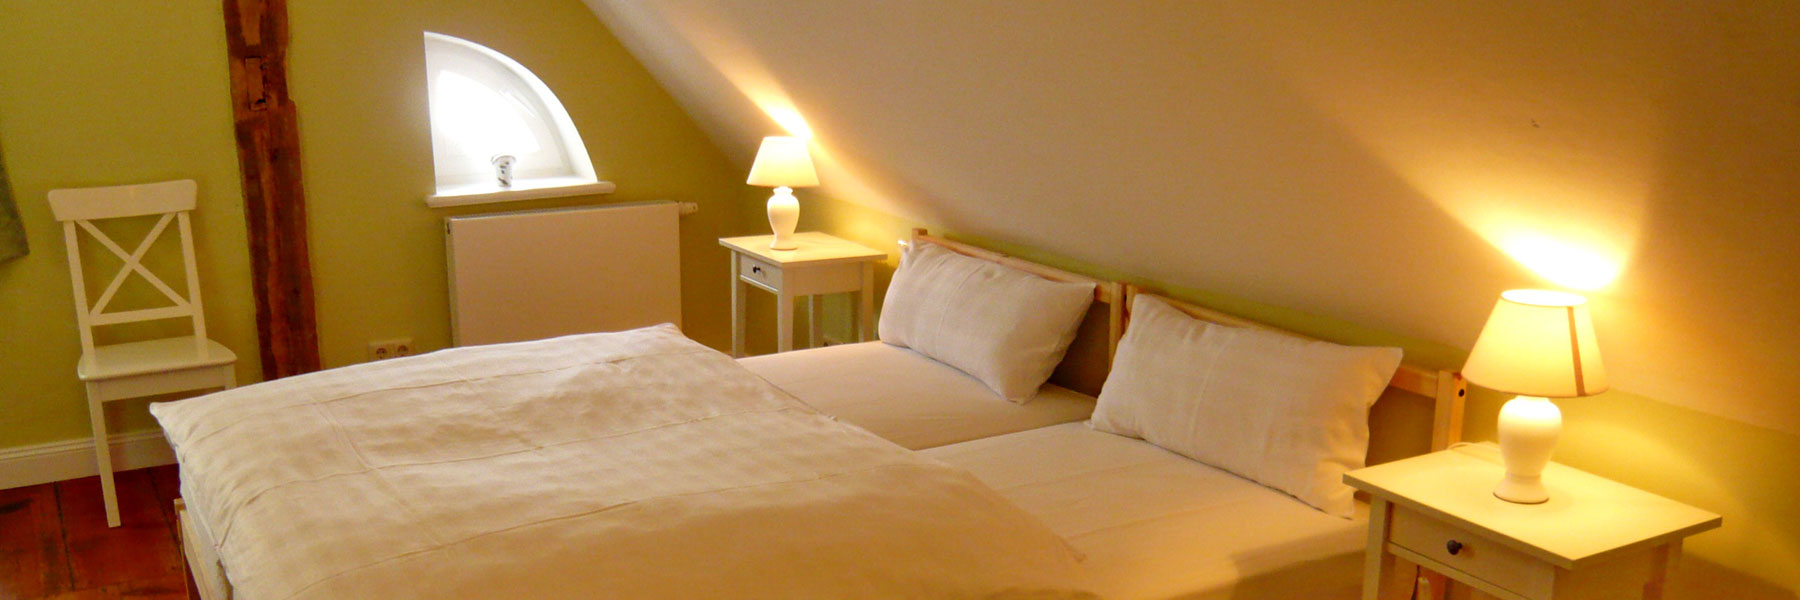 Schlafzimmer - Schloss Pütnitz